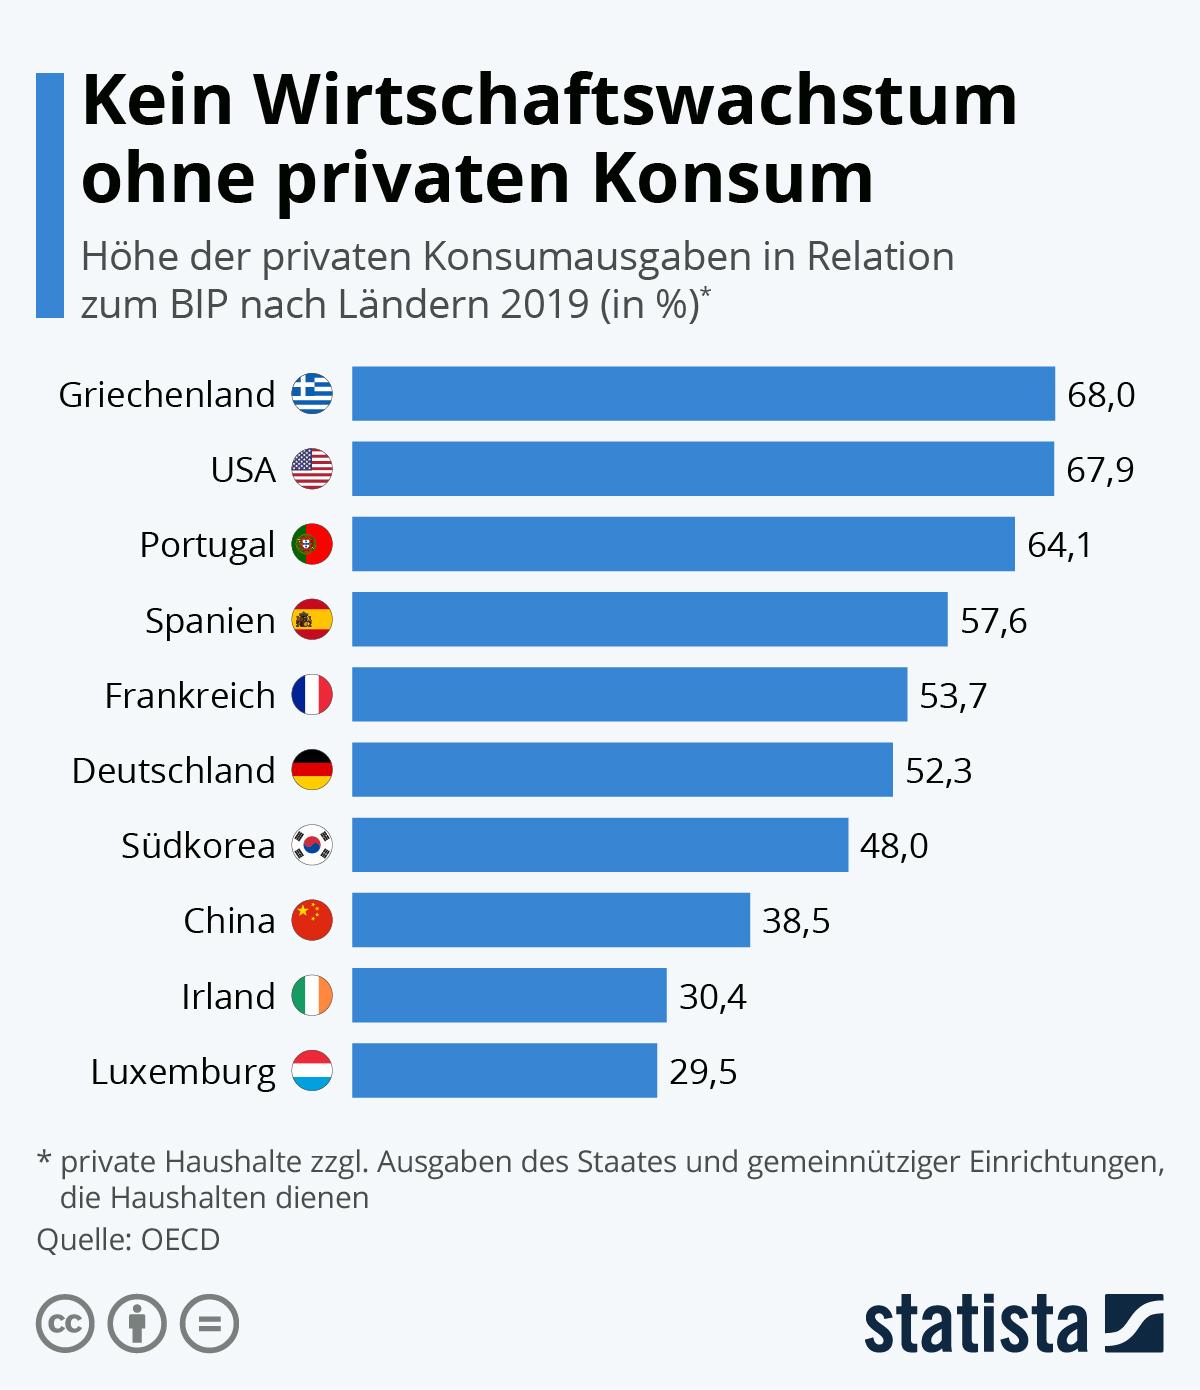 Infografik: Kein Wirtschaftswachstum ohne privaten Konsum | Statista